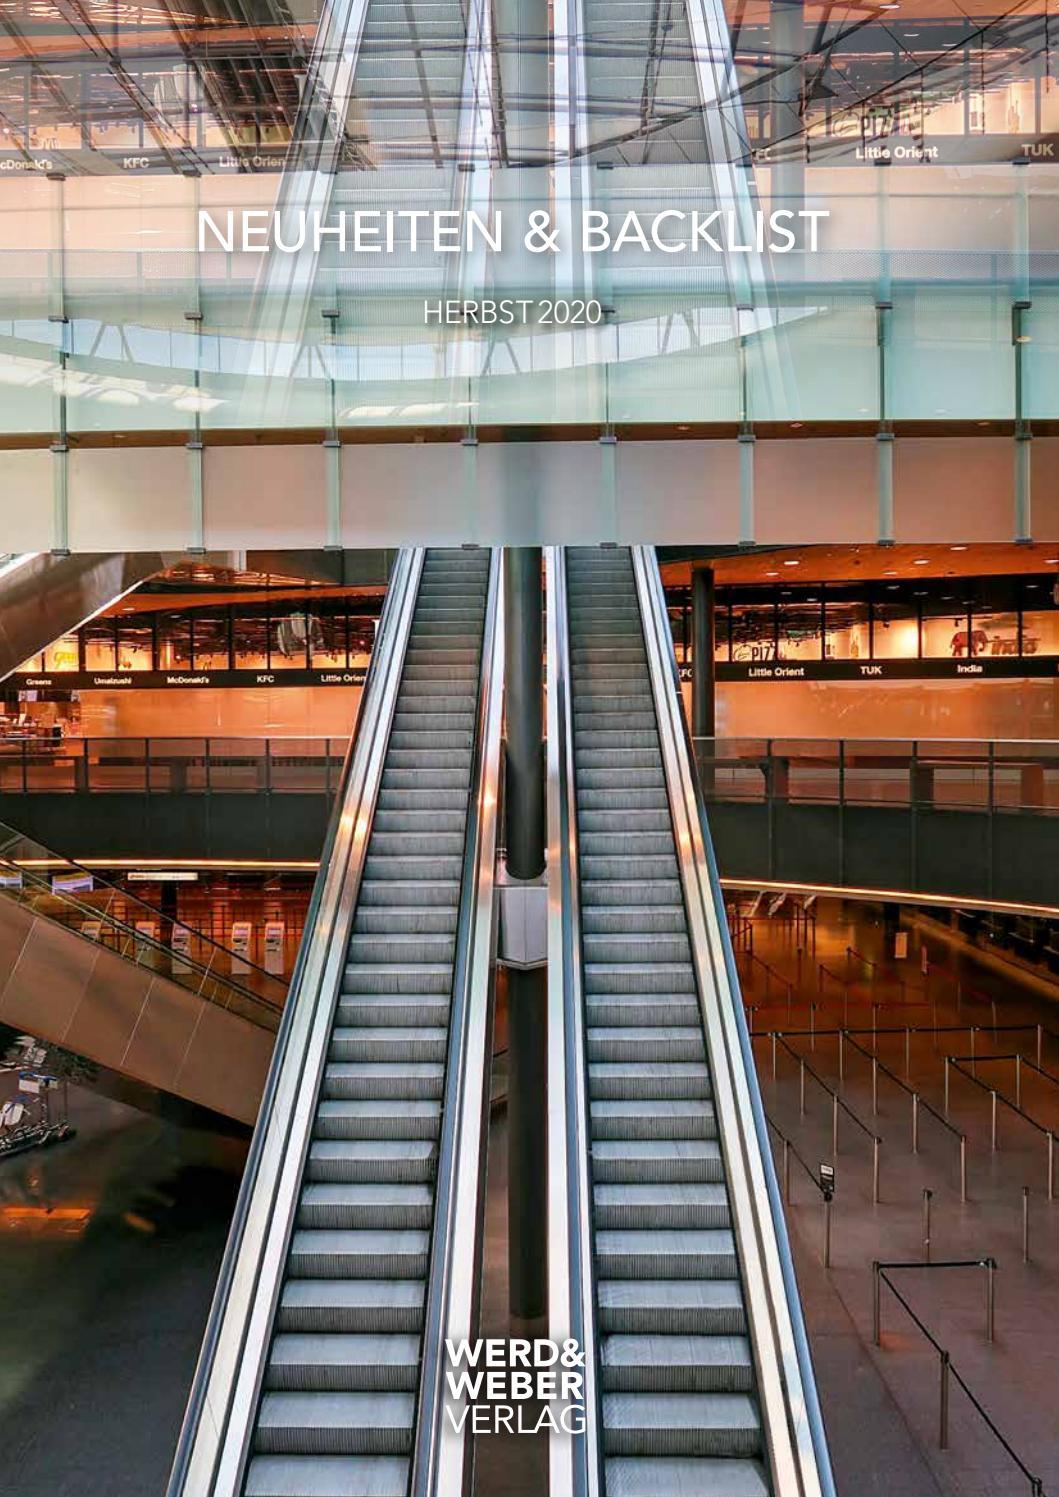 Verlagsprogramm Herbst 2020 By Annette Weber Issuu